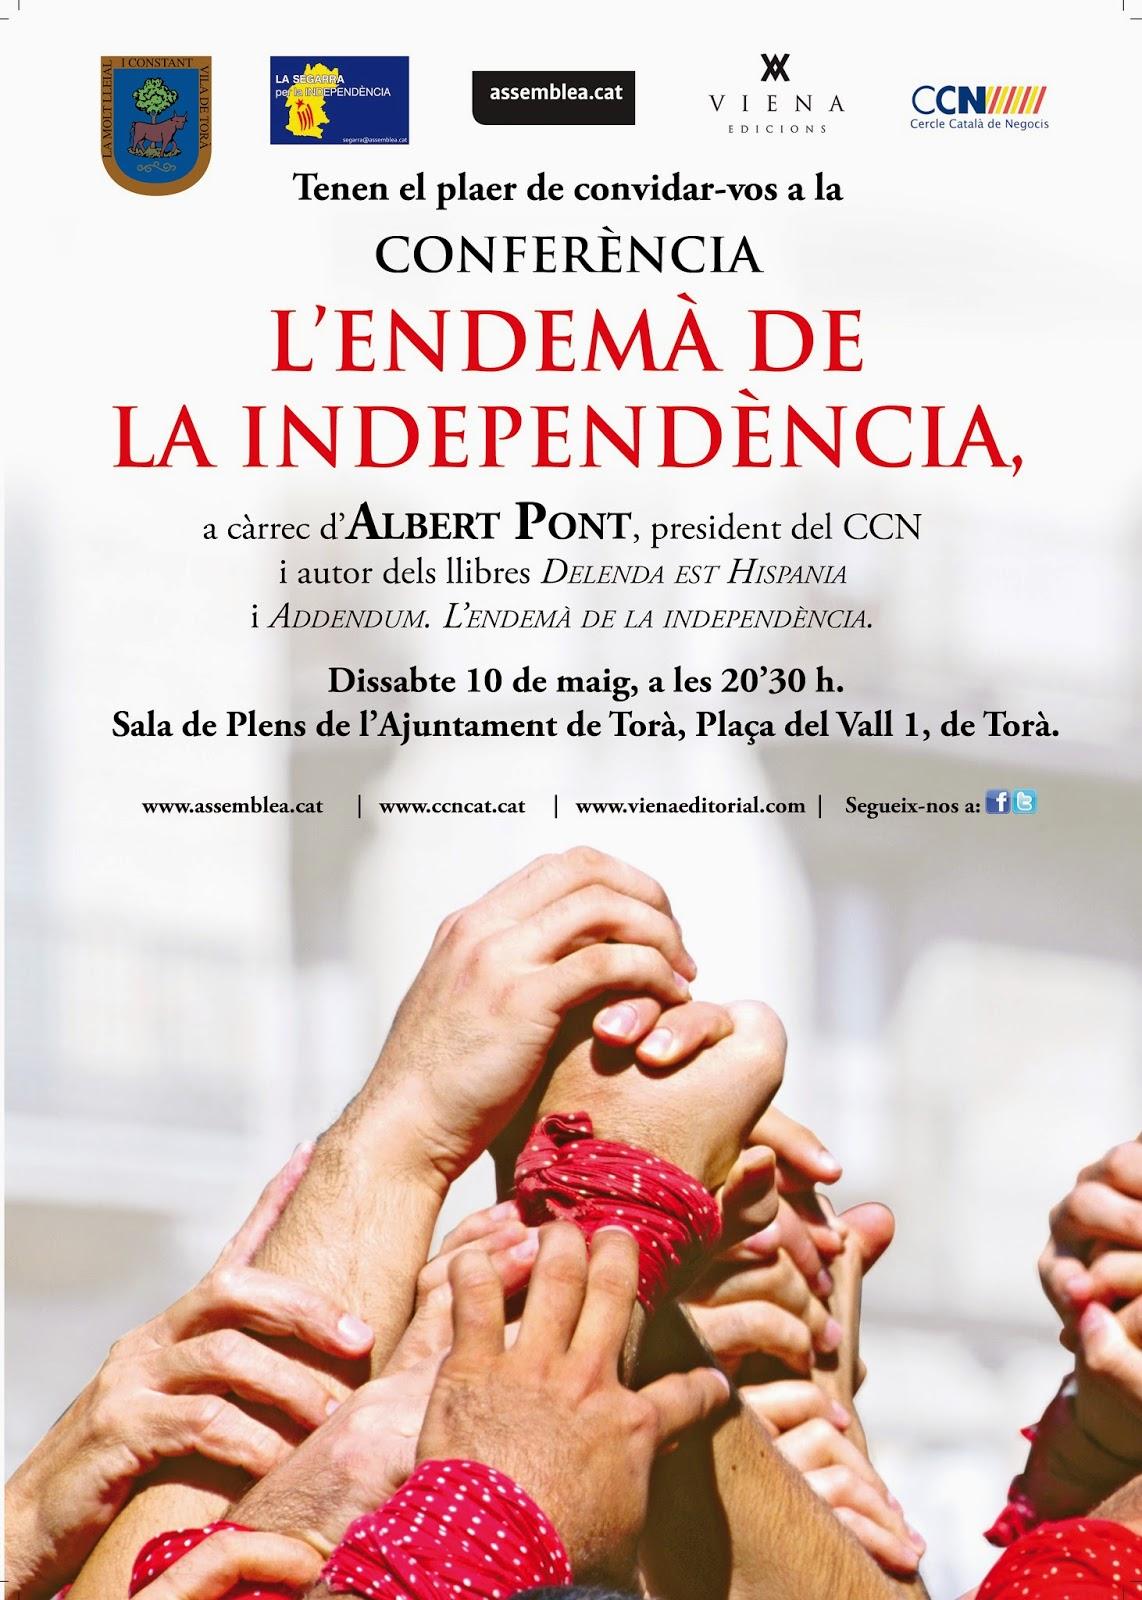 cartell conferència 'L'endemà de la Independència'